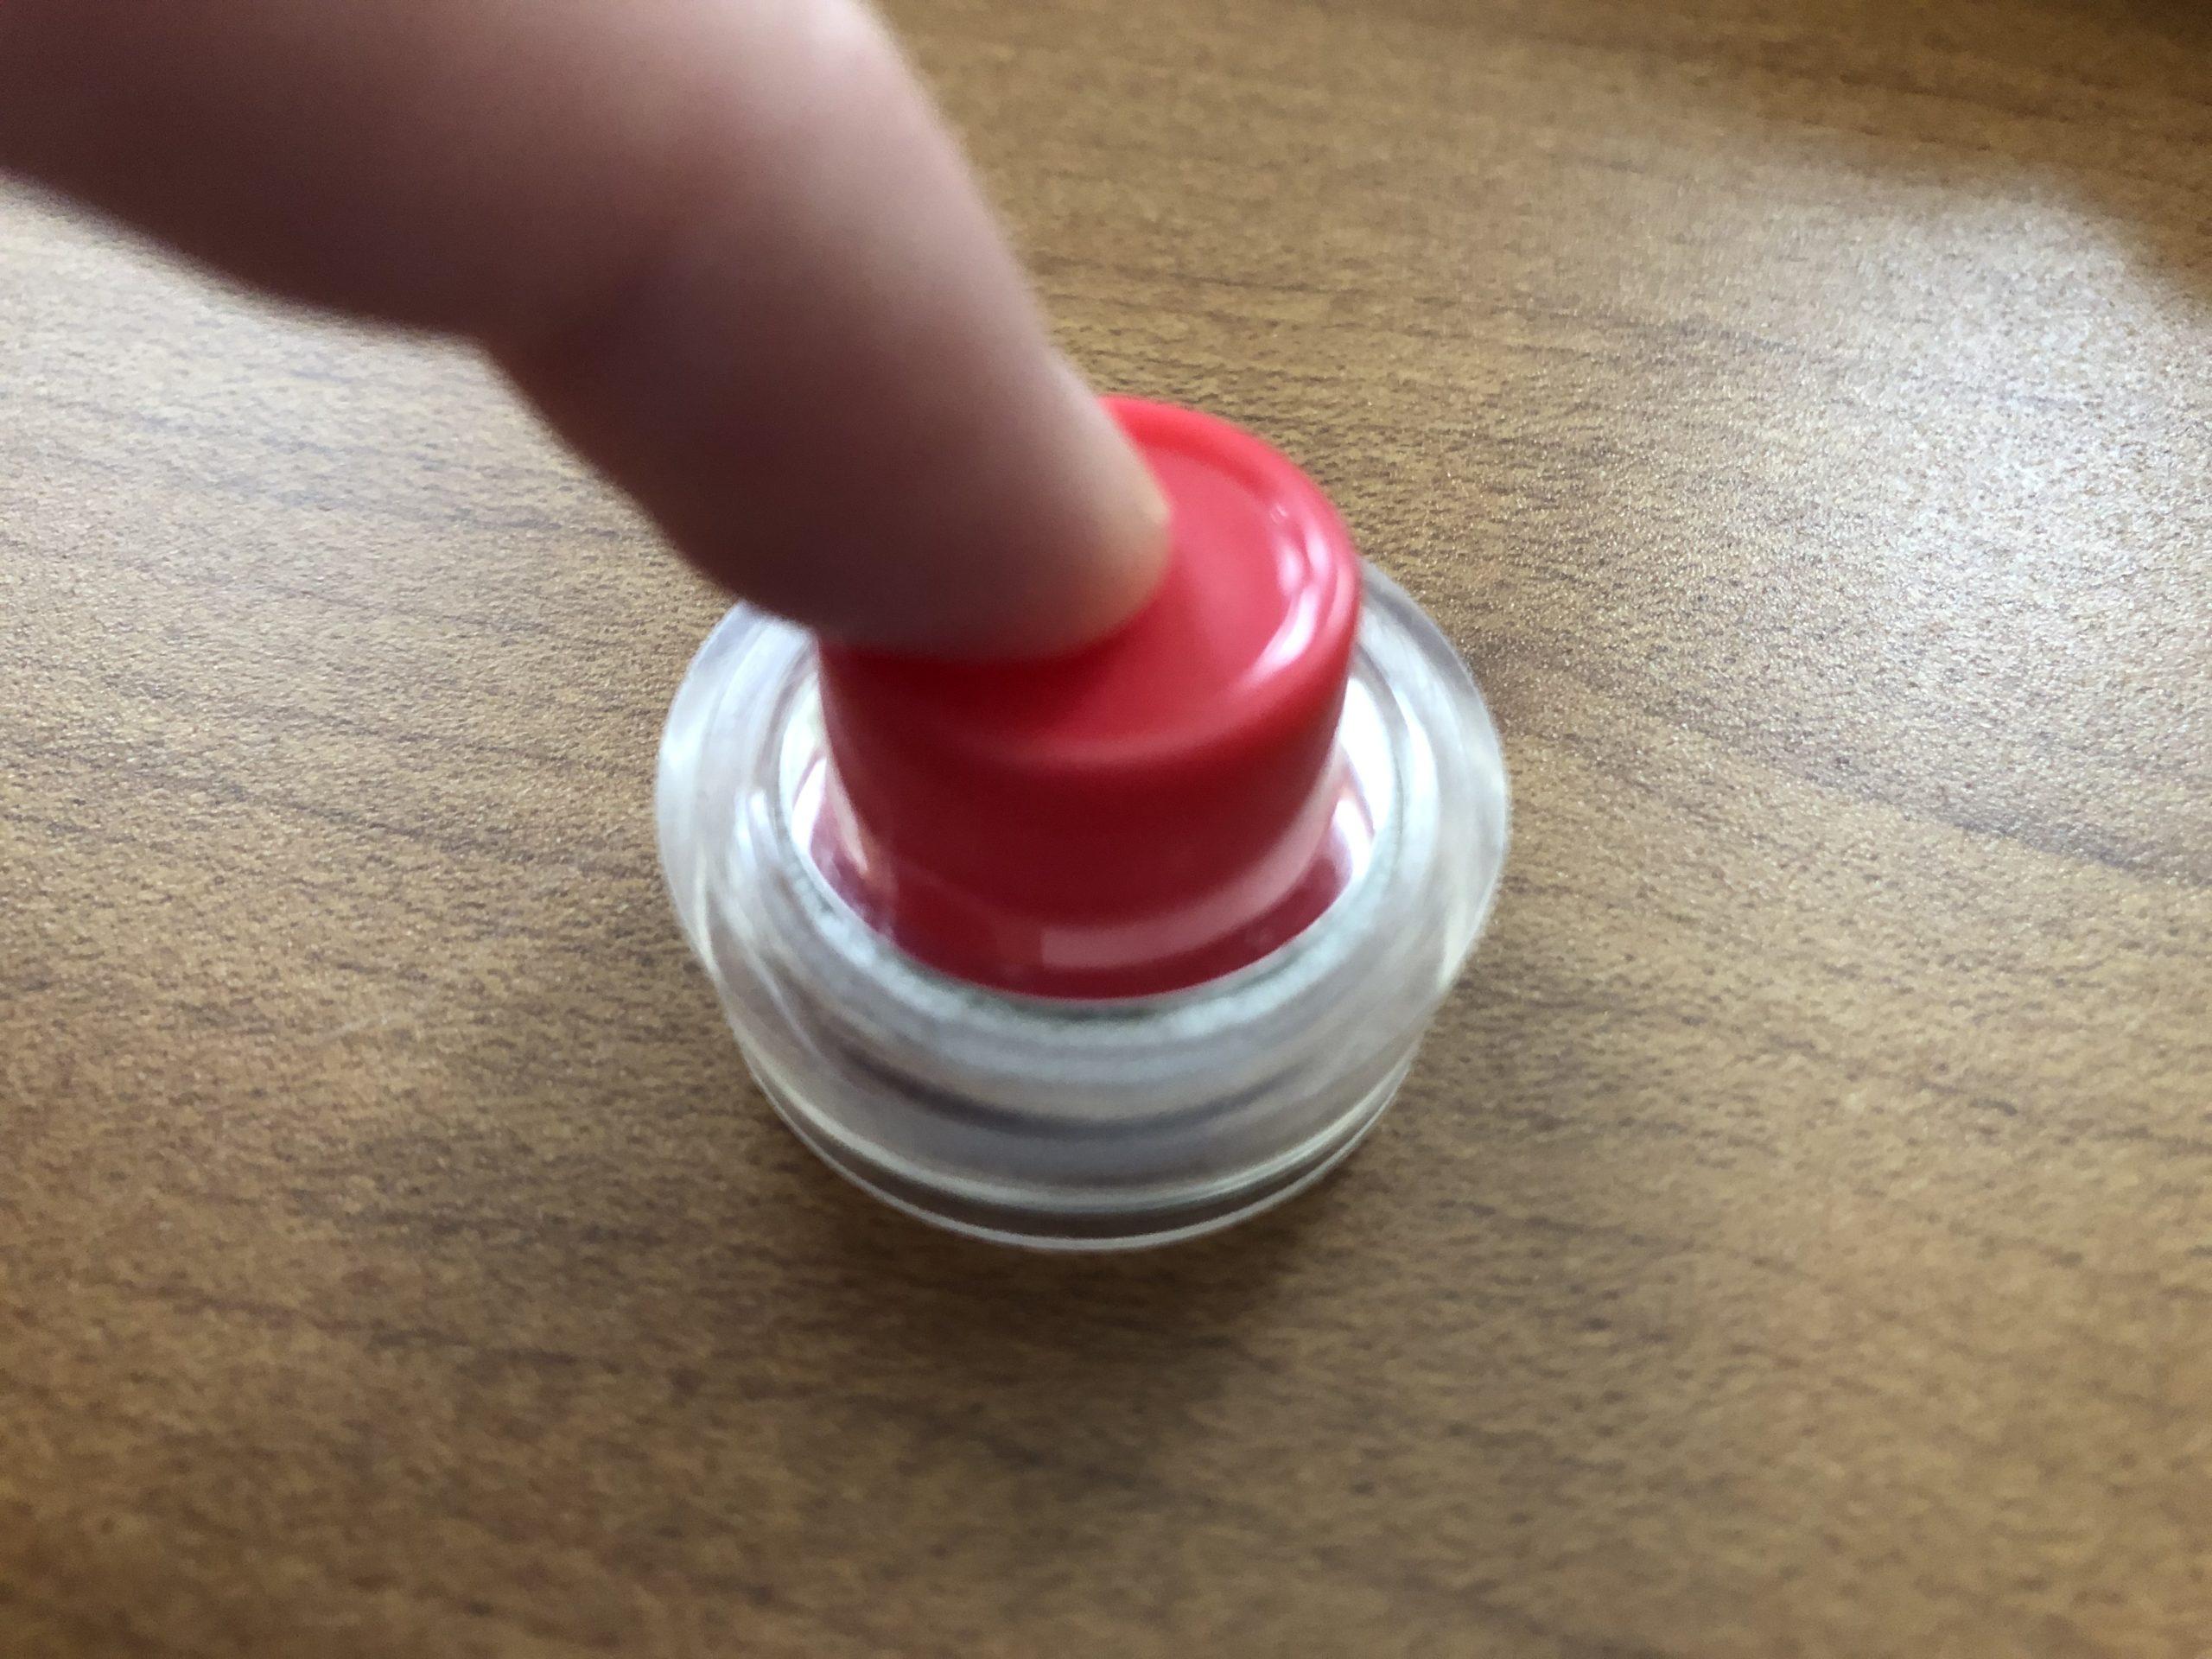 くるみボタン作り方ステップ5